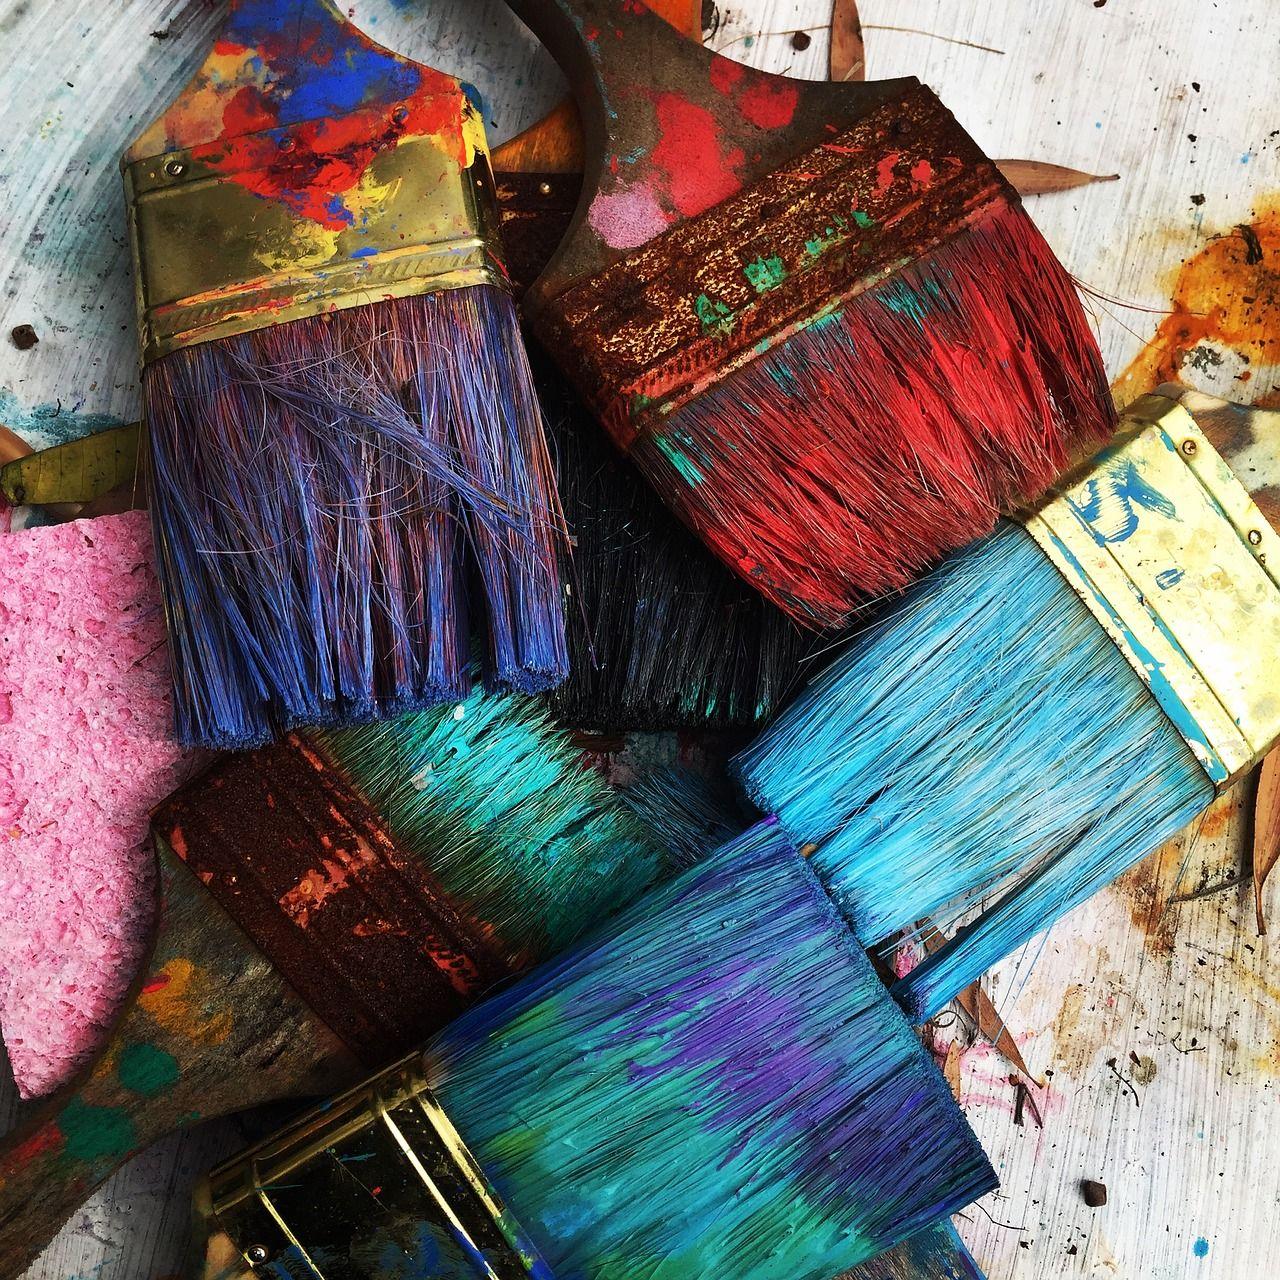 Wunderbar Farbmusterbuch Bilder - Druckbare Malvorlagen - amaichi.info